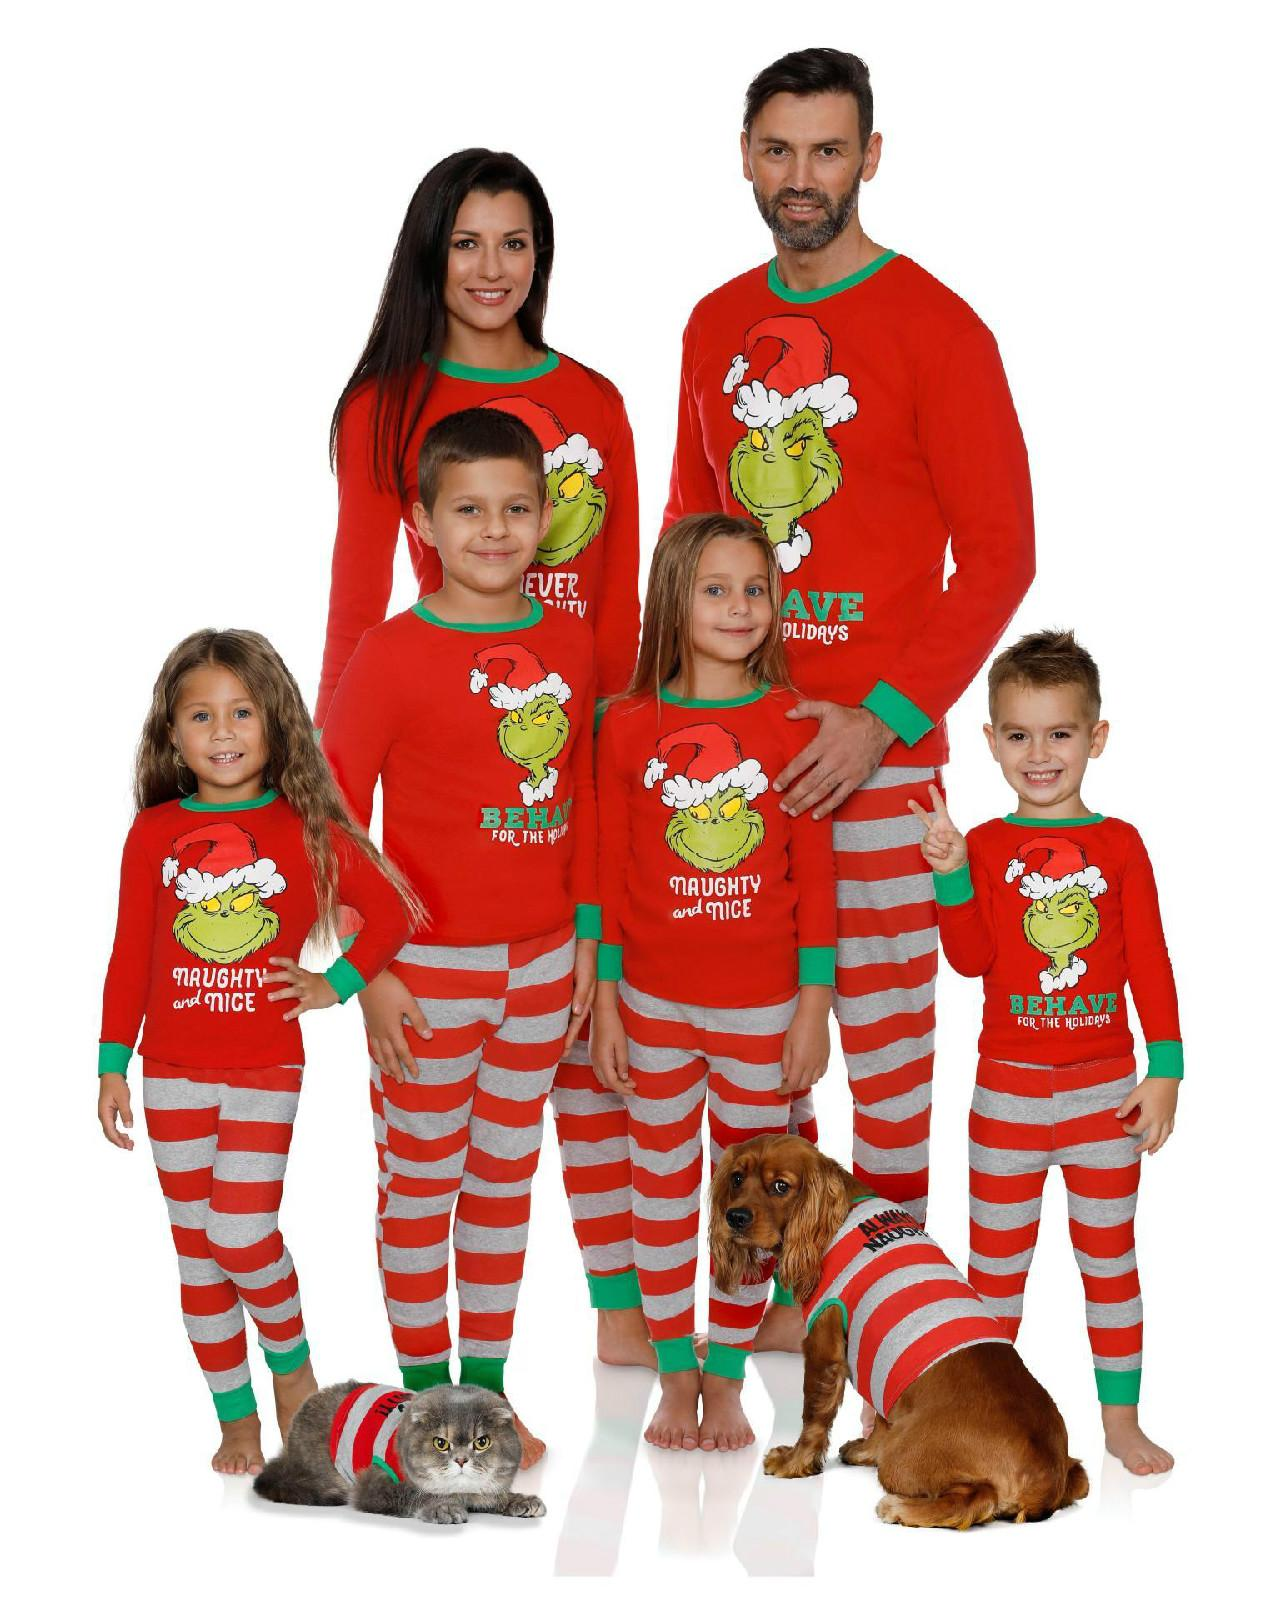 جديدة حمراء أم وابنتها خدمة الوطن منامة مطابقة دعوى الوالدين والطفل عيد الميلاد الأسرة الطباعة قبعة دعوى الوالدين والطفل صبي فتاة